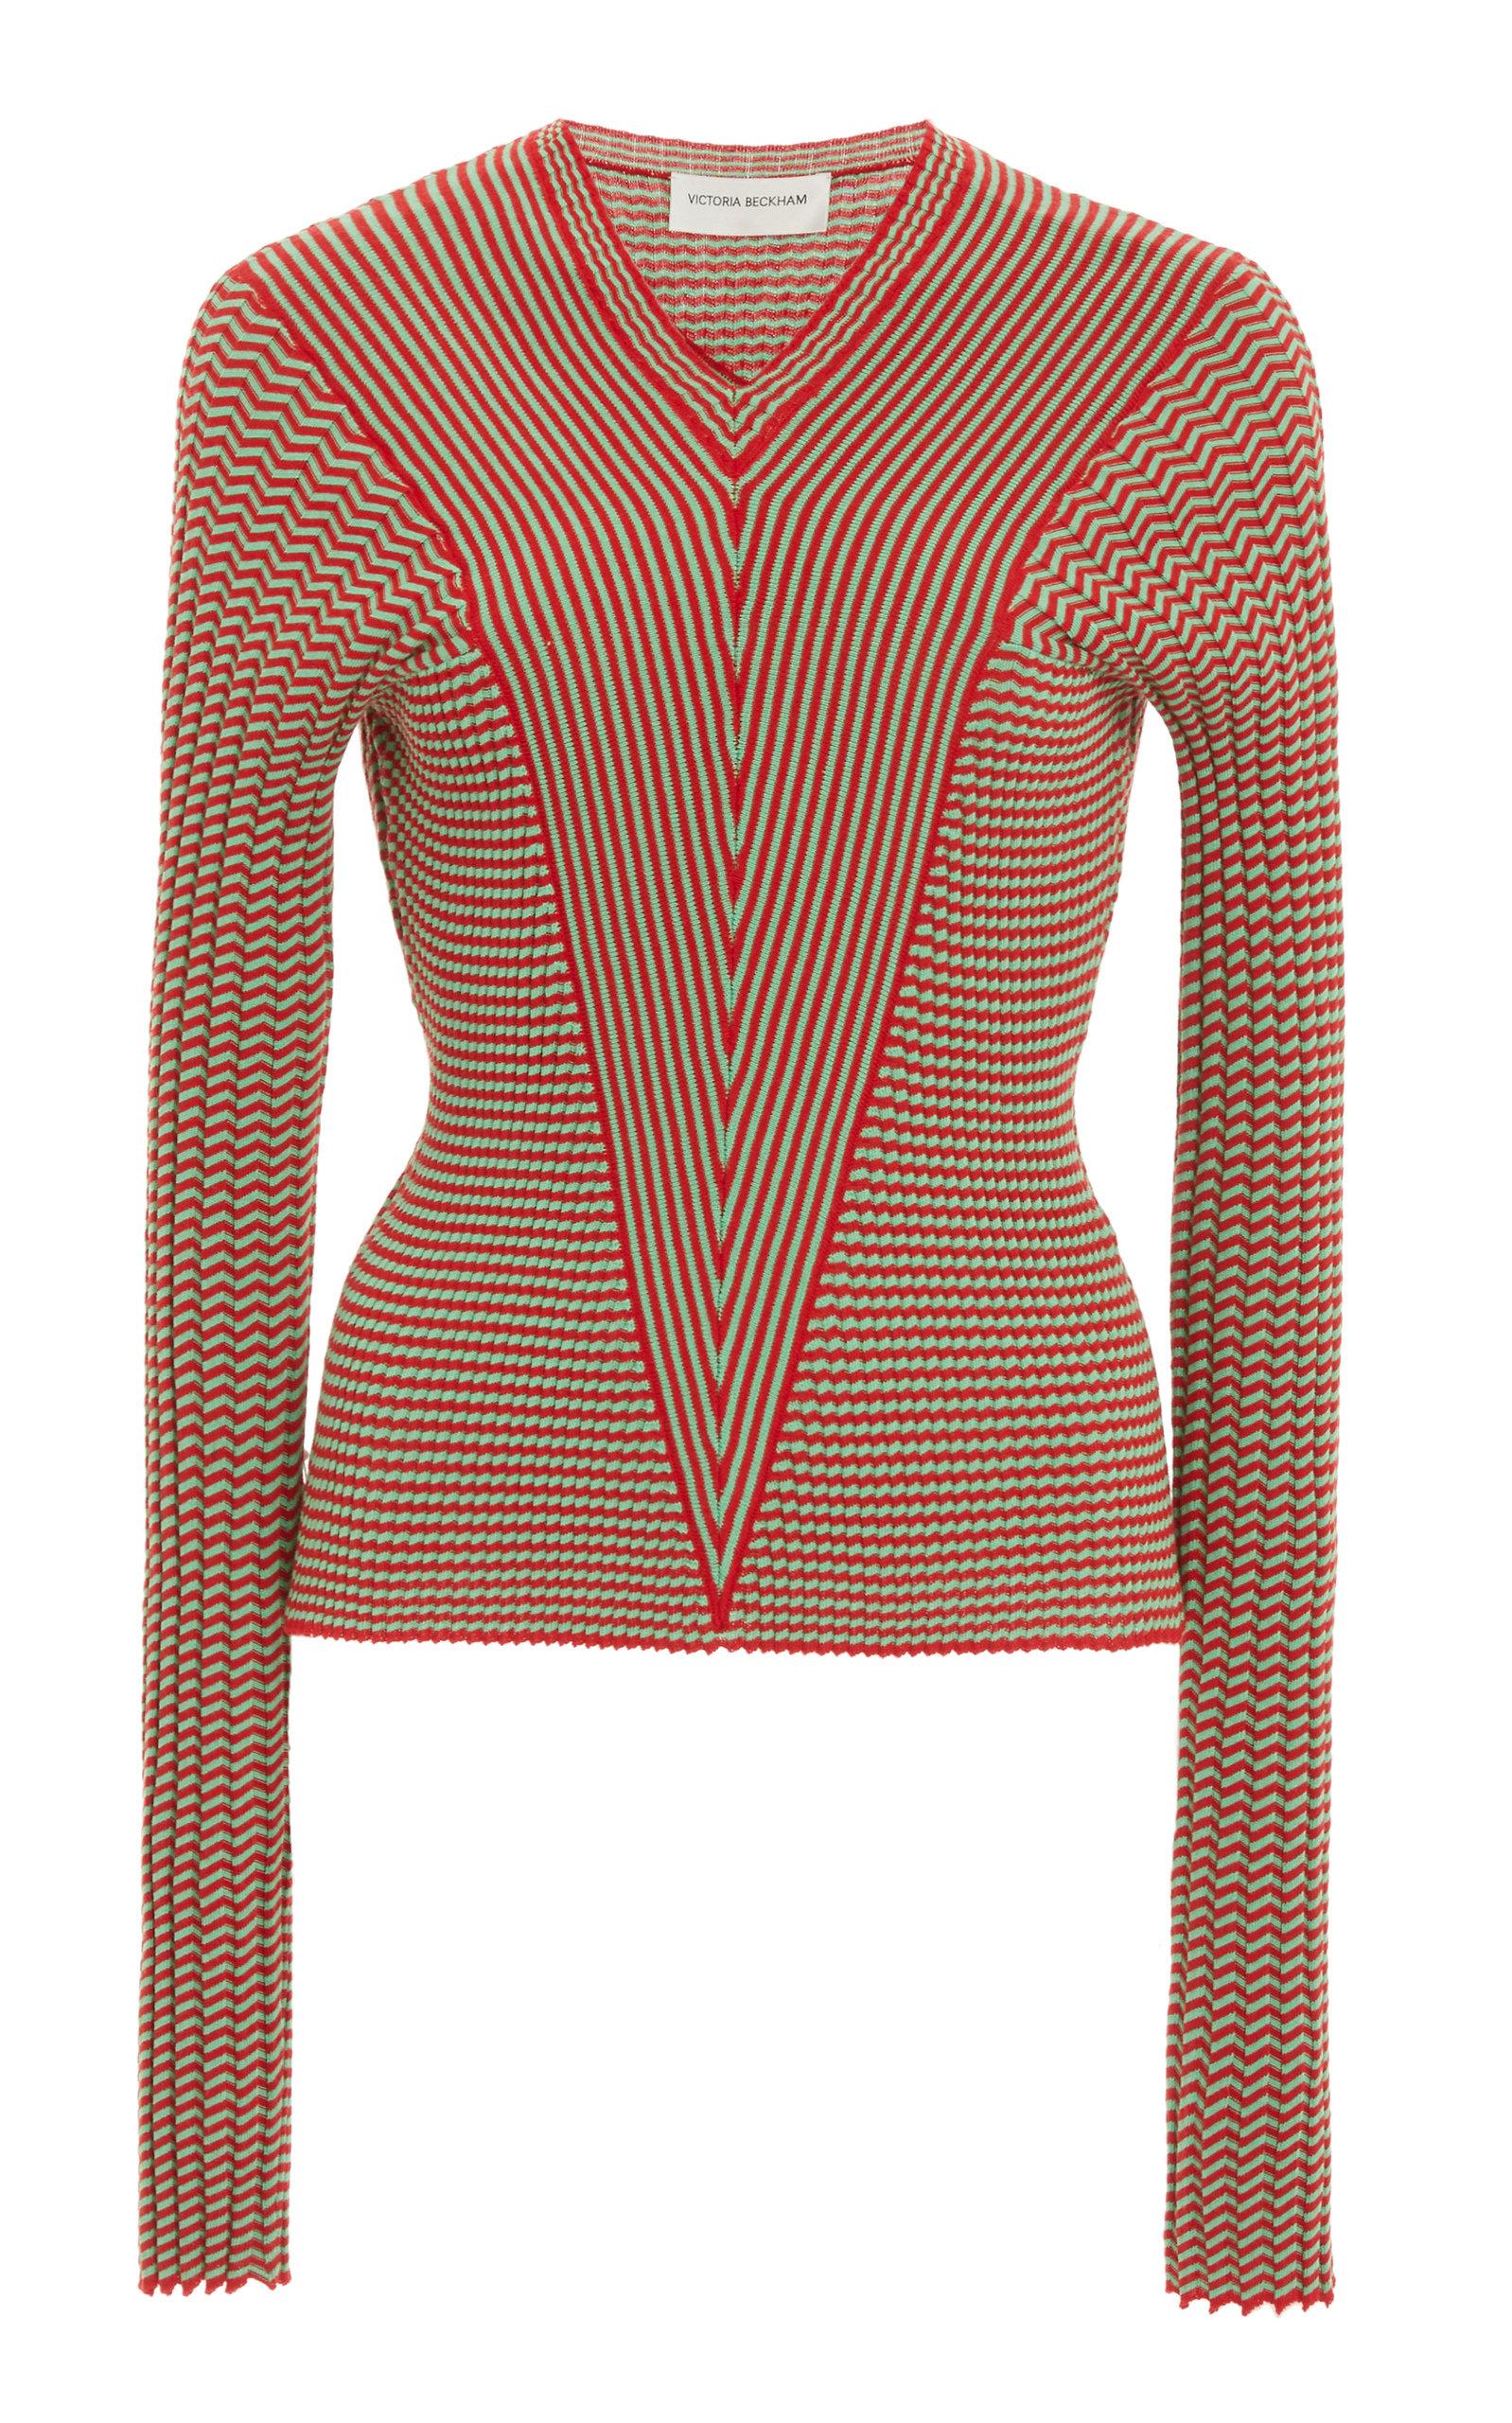 Victoria Beckham Mini Striped Cotton V-neck Top